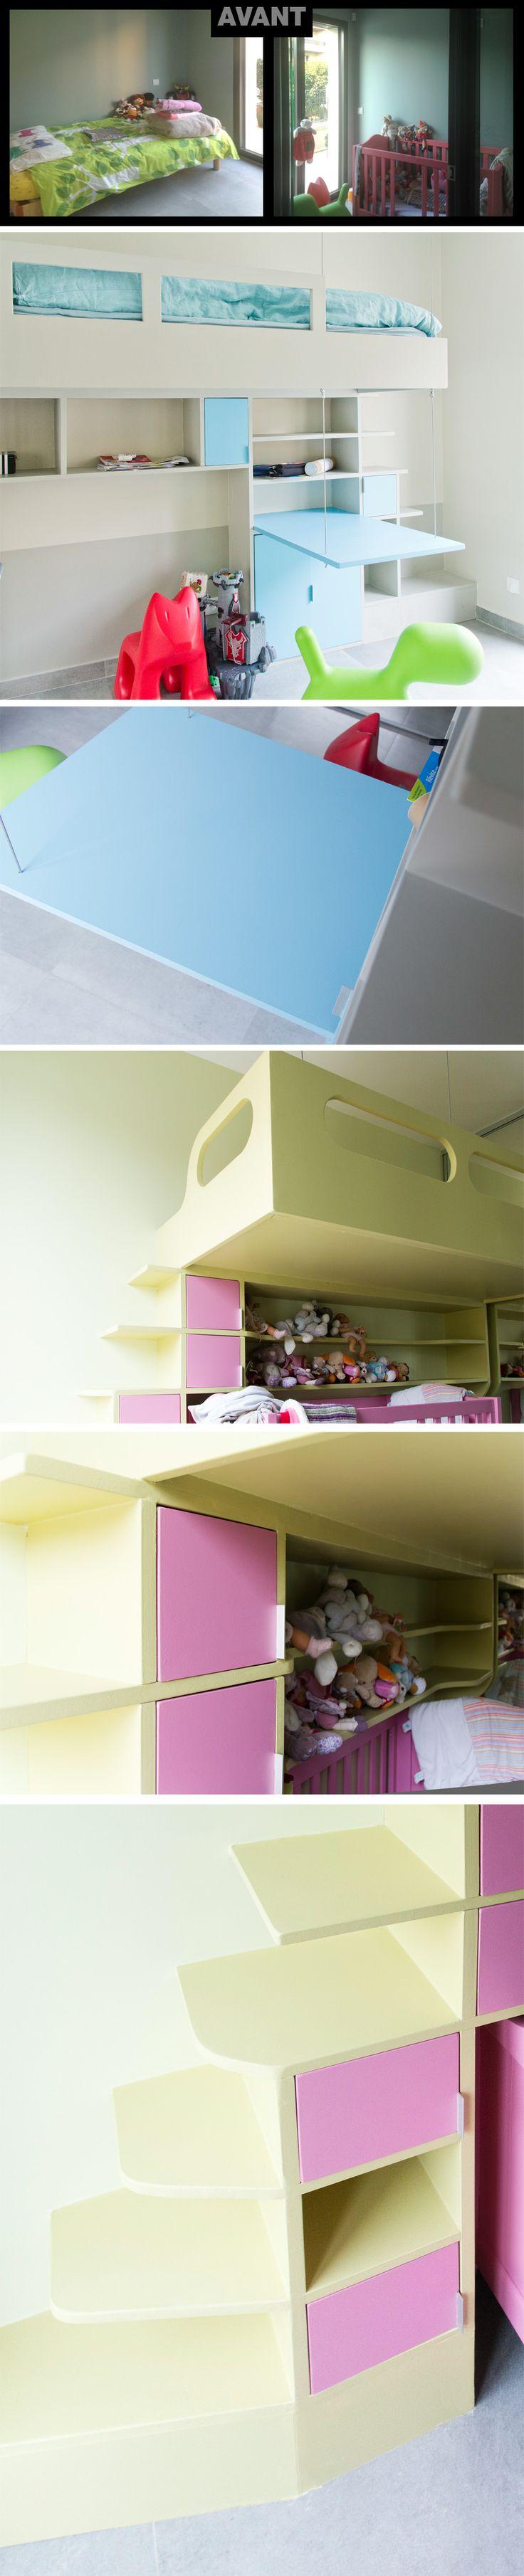 les 25 meilleures id es de la cat gorie chambre 10m2 sur pinterest chambre coucher avec. Black Bedroom Furniture Sets. Home Design Ideas